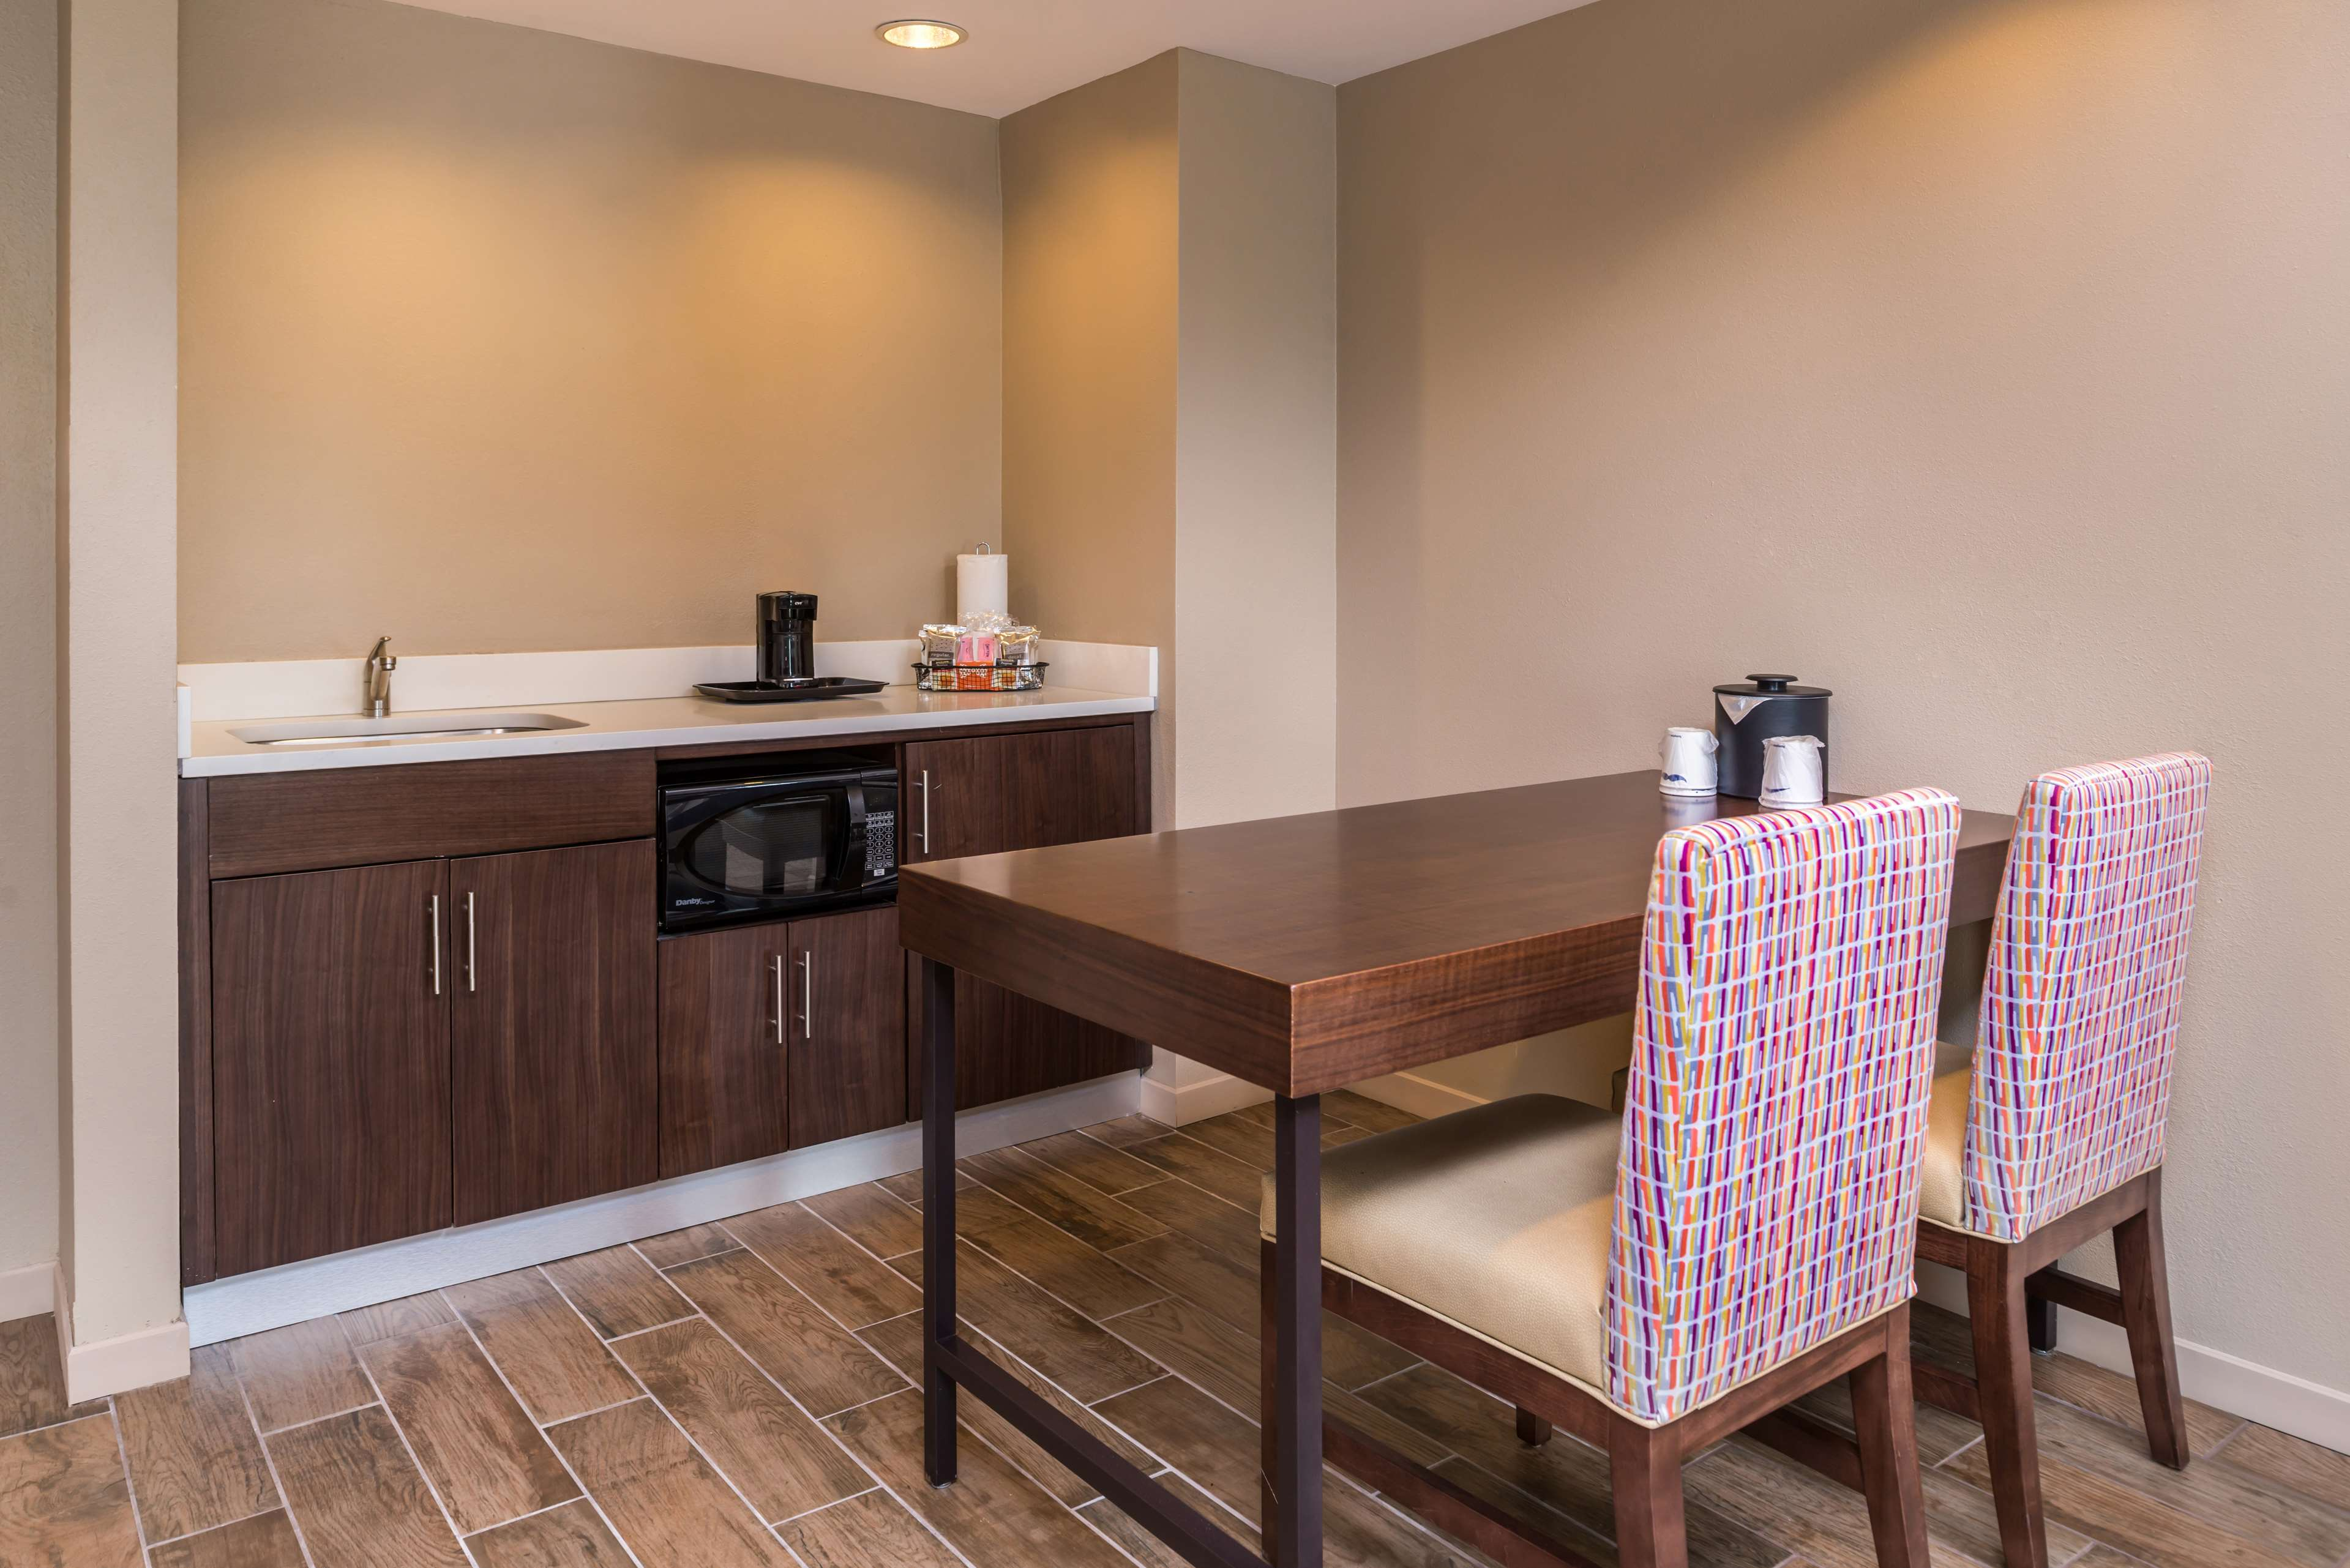 Hampton Inn & Suites Charlotte-Arrowood Rd. image 30